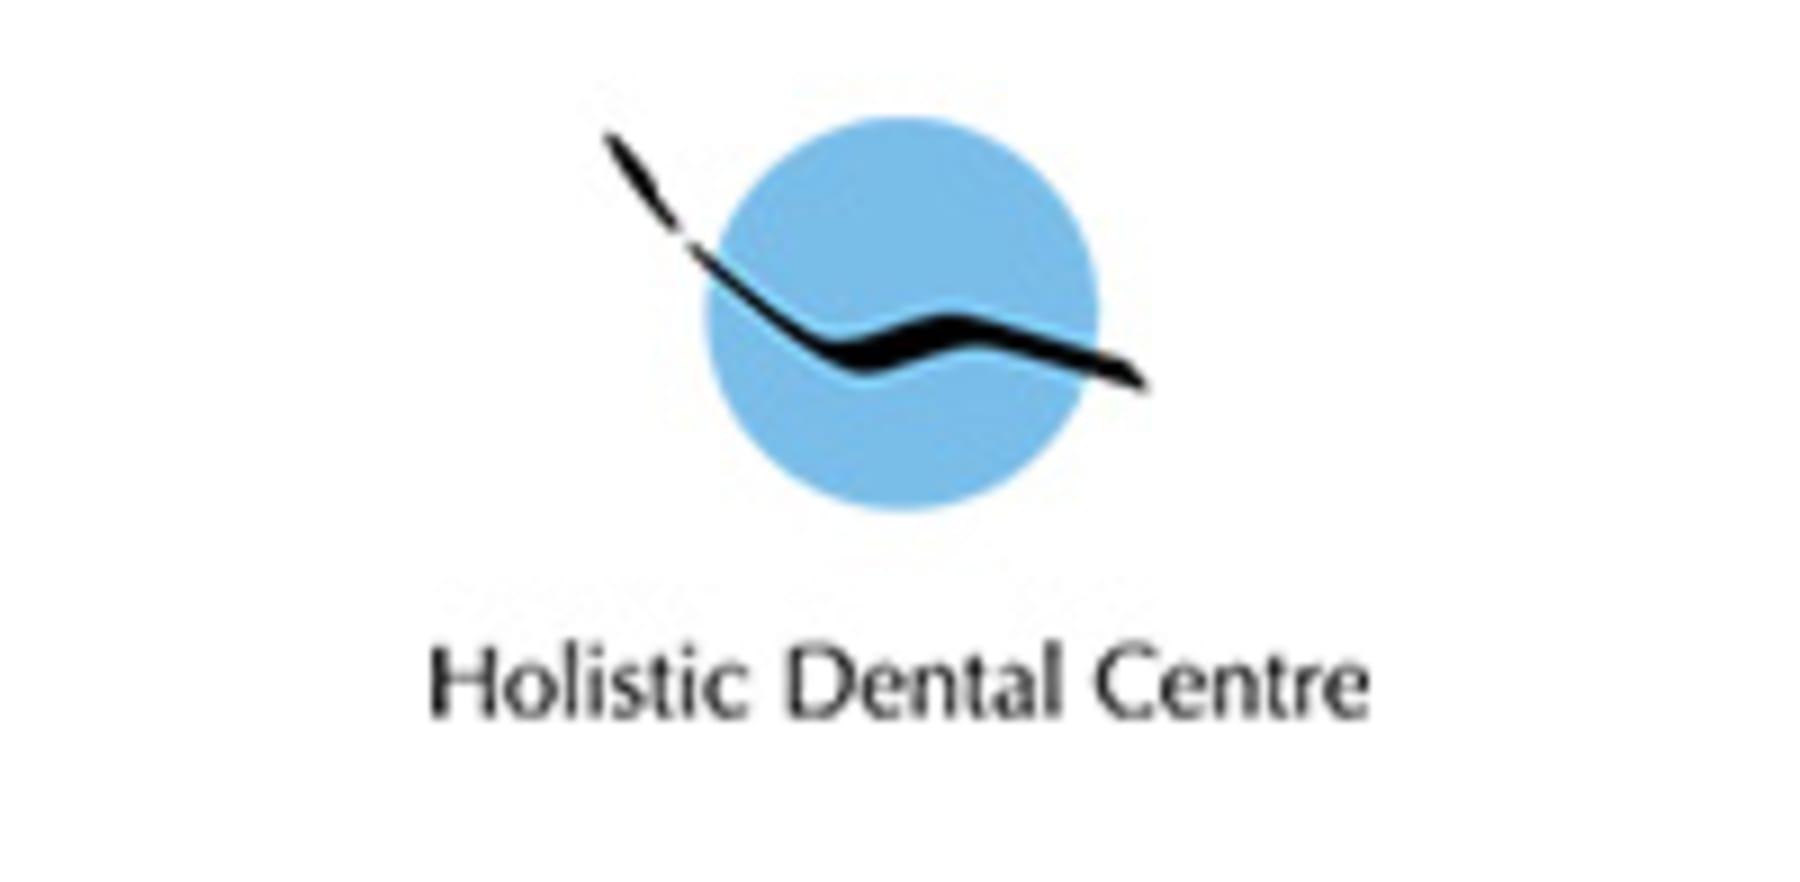 Holistic Dental Centre